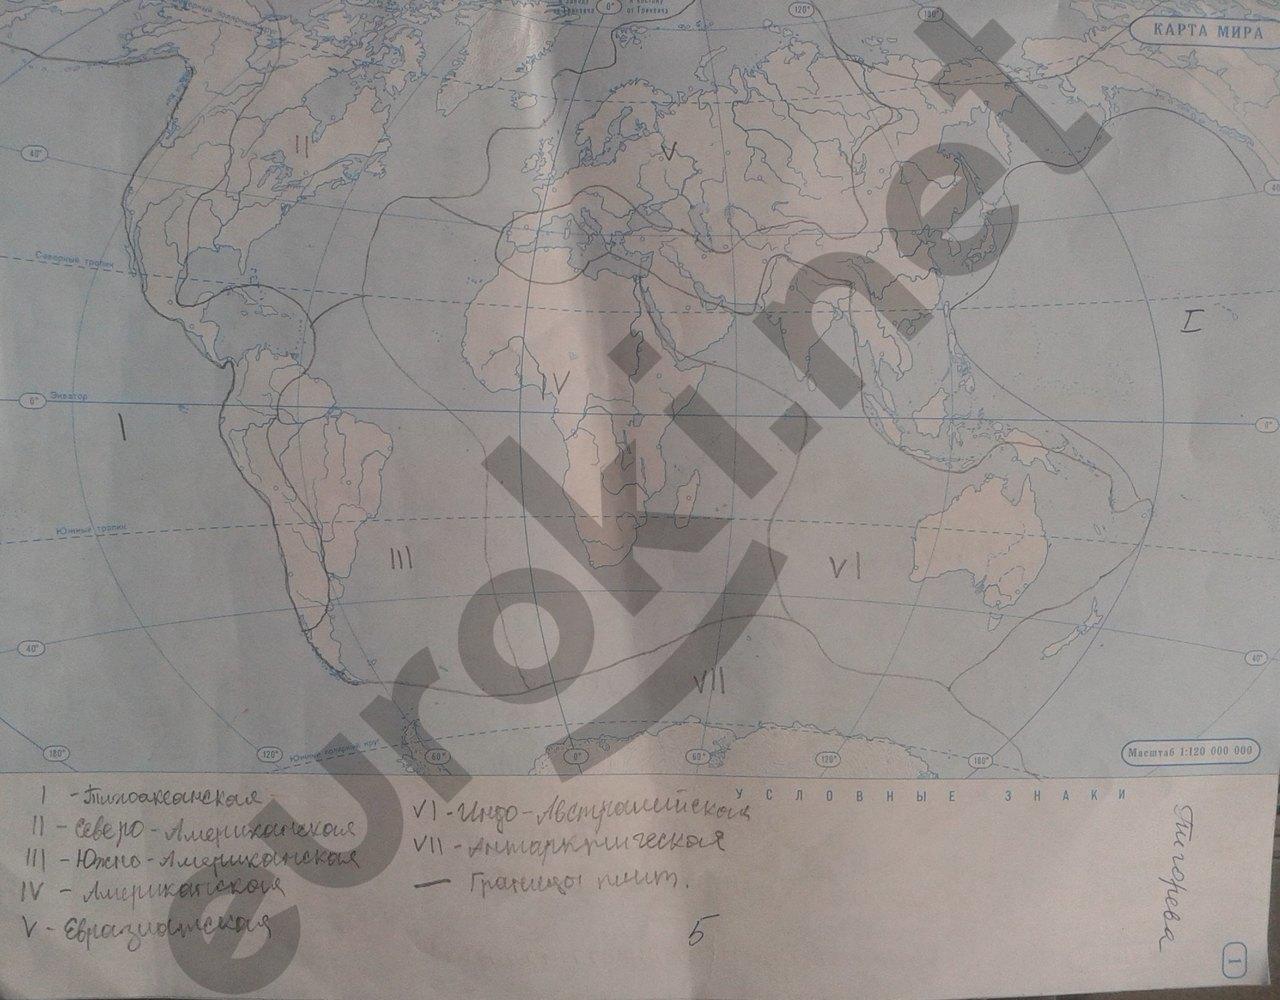 Картографическая картам 7 гдз класс омская фабрика по география контурным